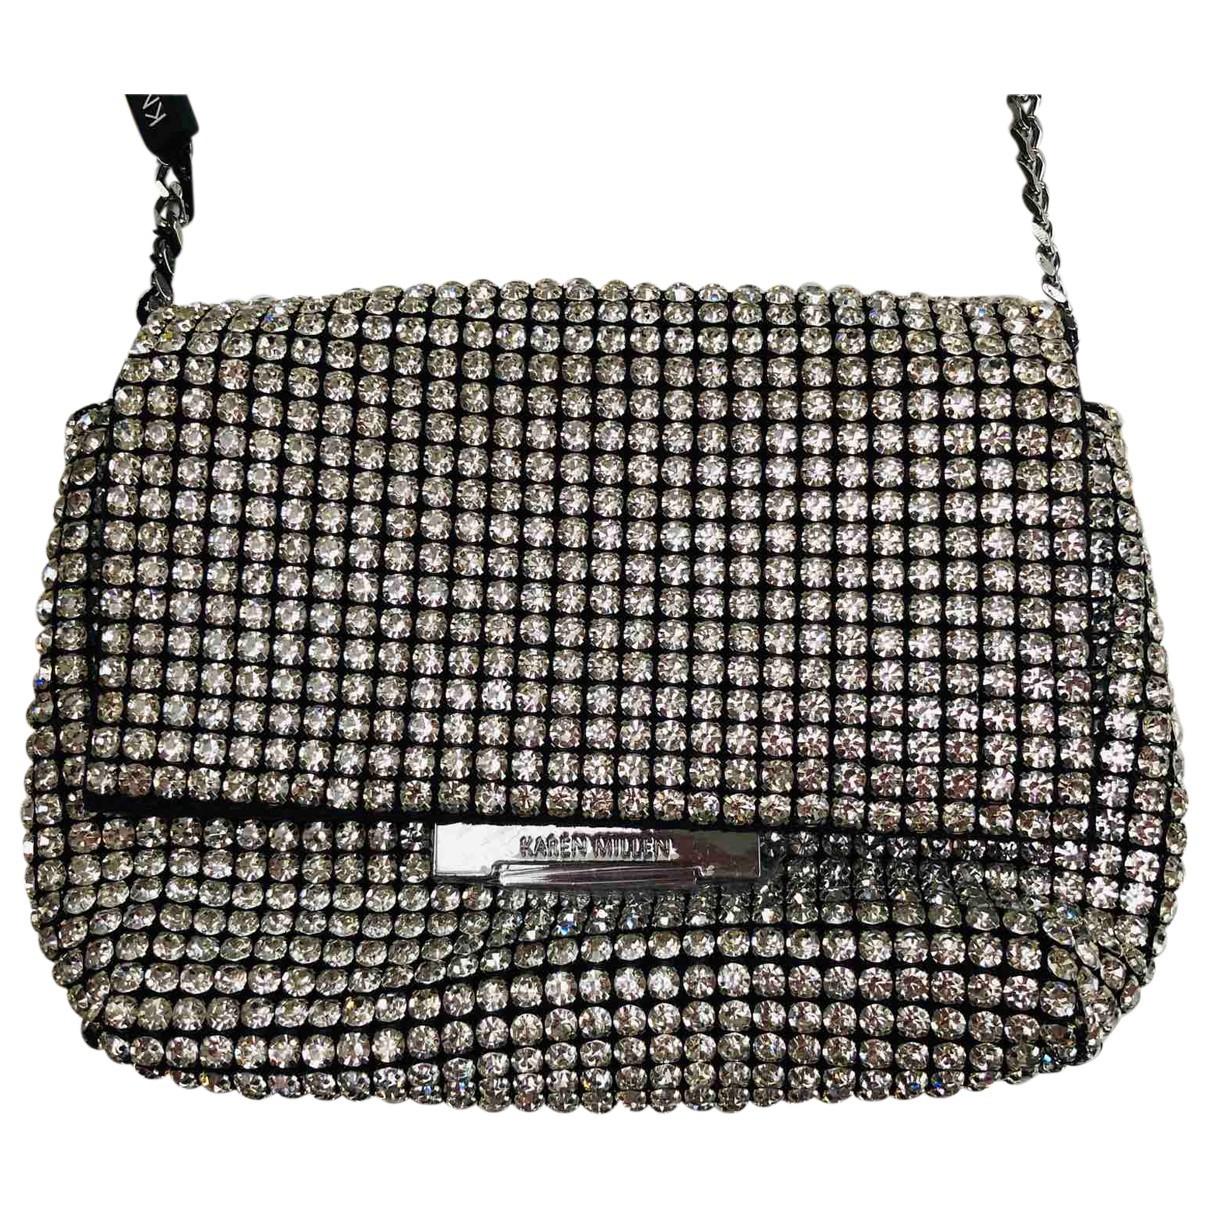 Karen Millen N Silver Glitter handbag for Women N